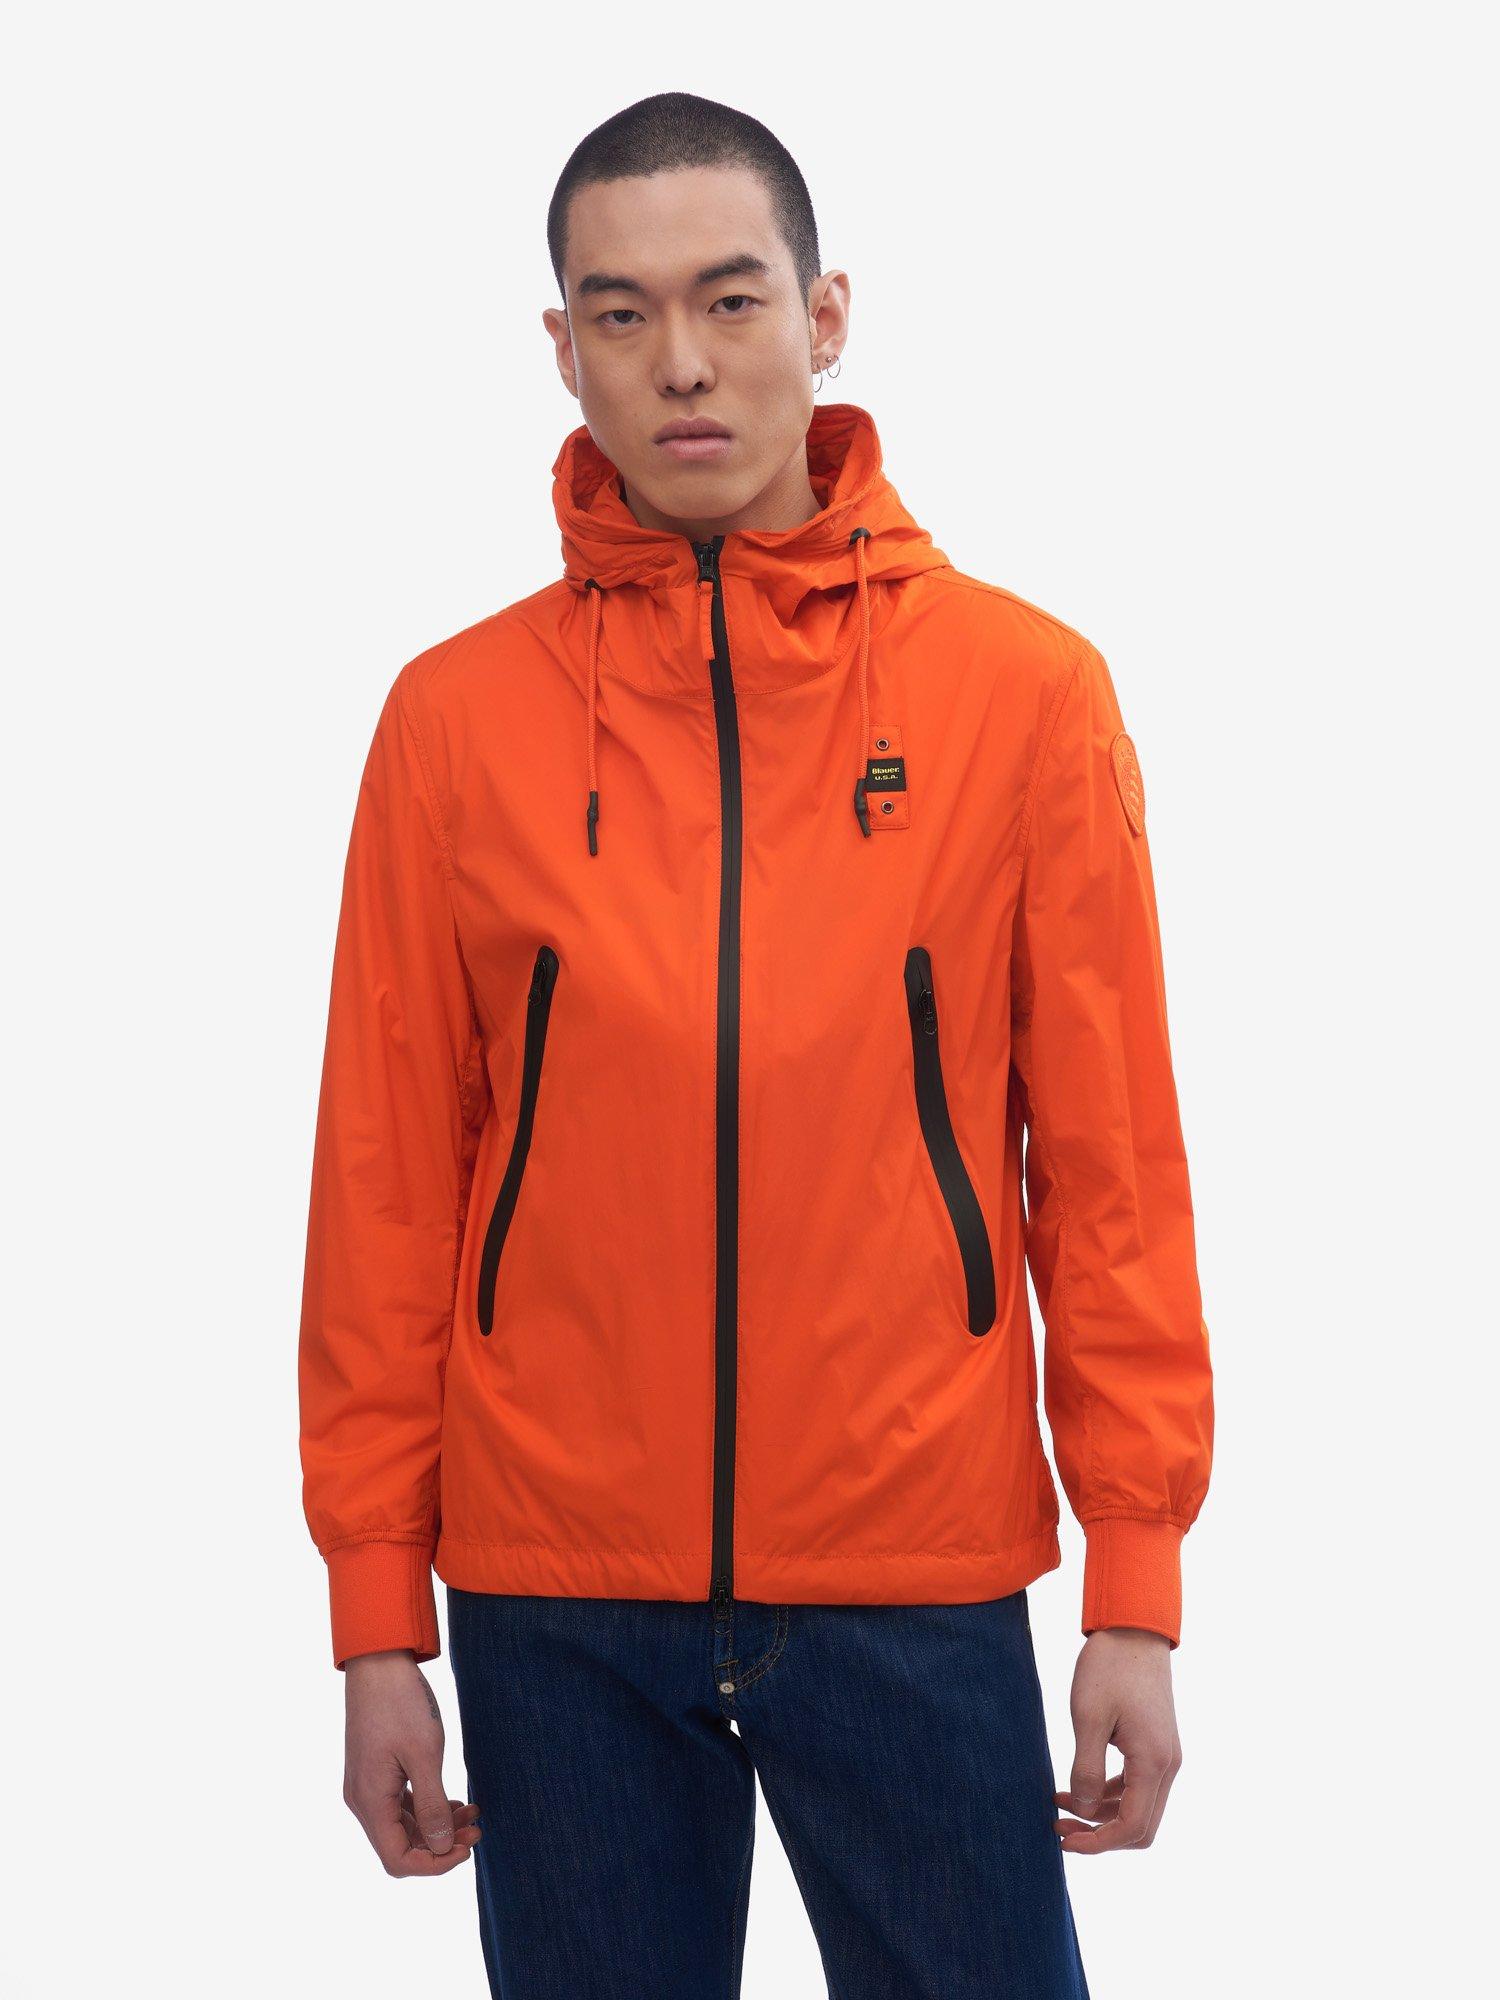 Blauer - SOUTHERLAND MATTE JACKET WITH HOOD - Bright Orange - Blauer